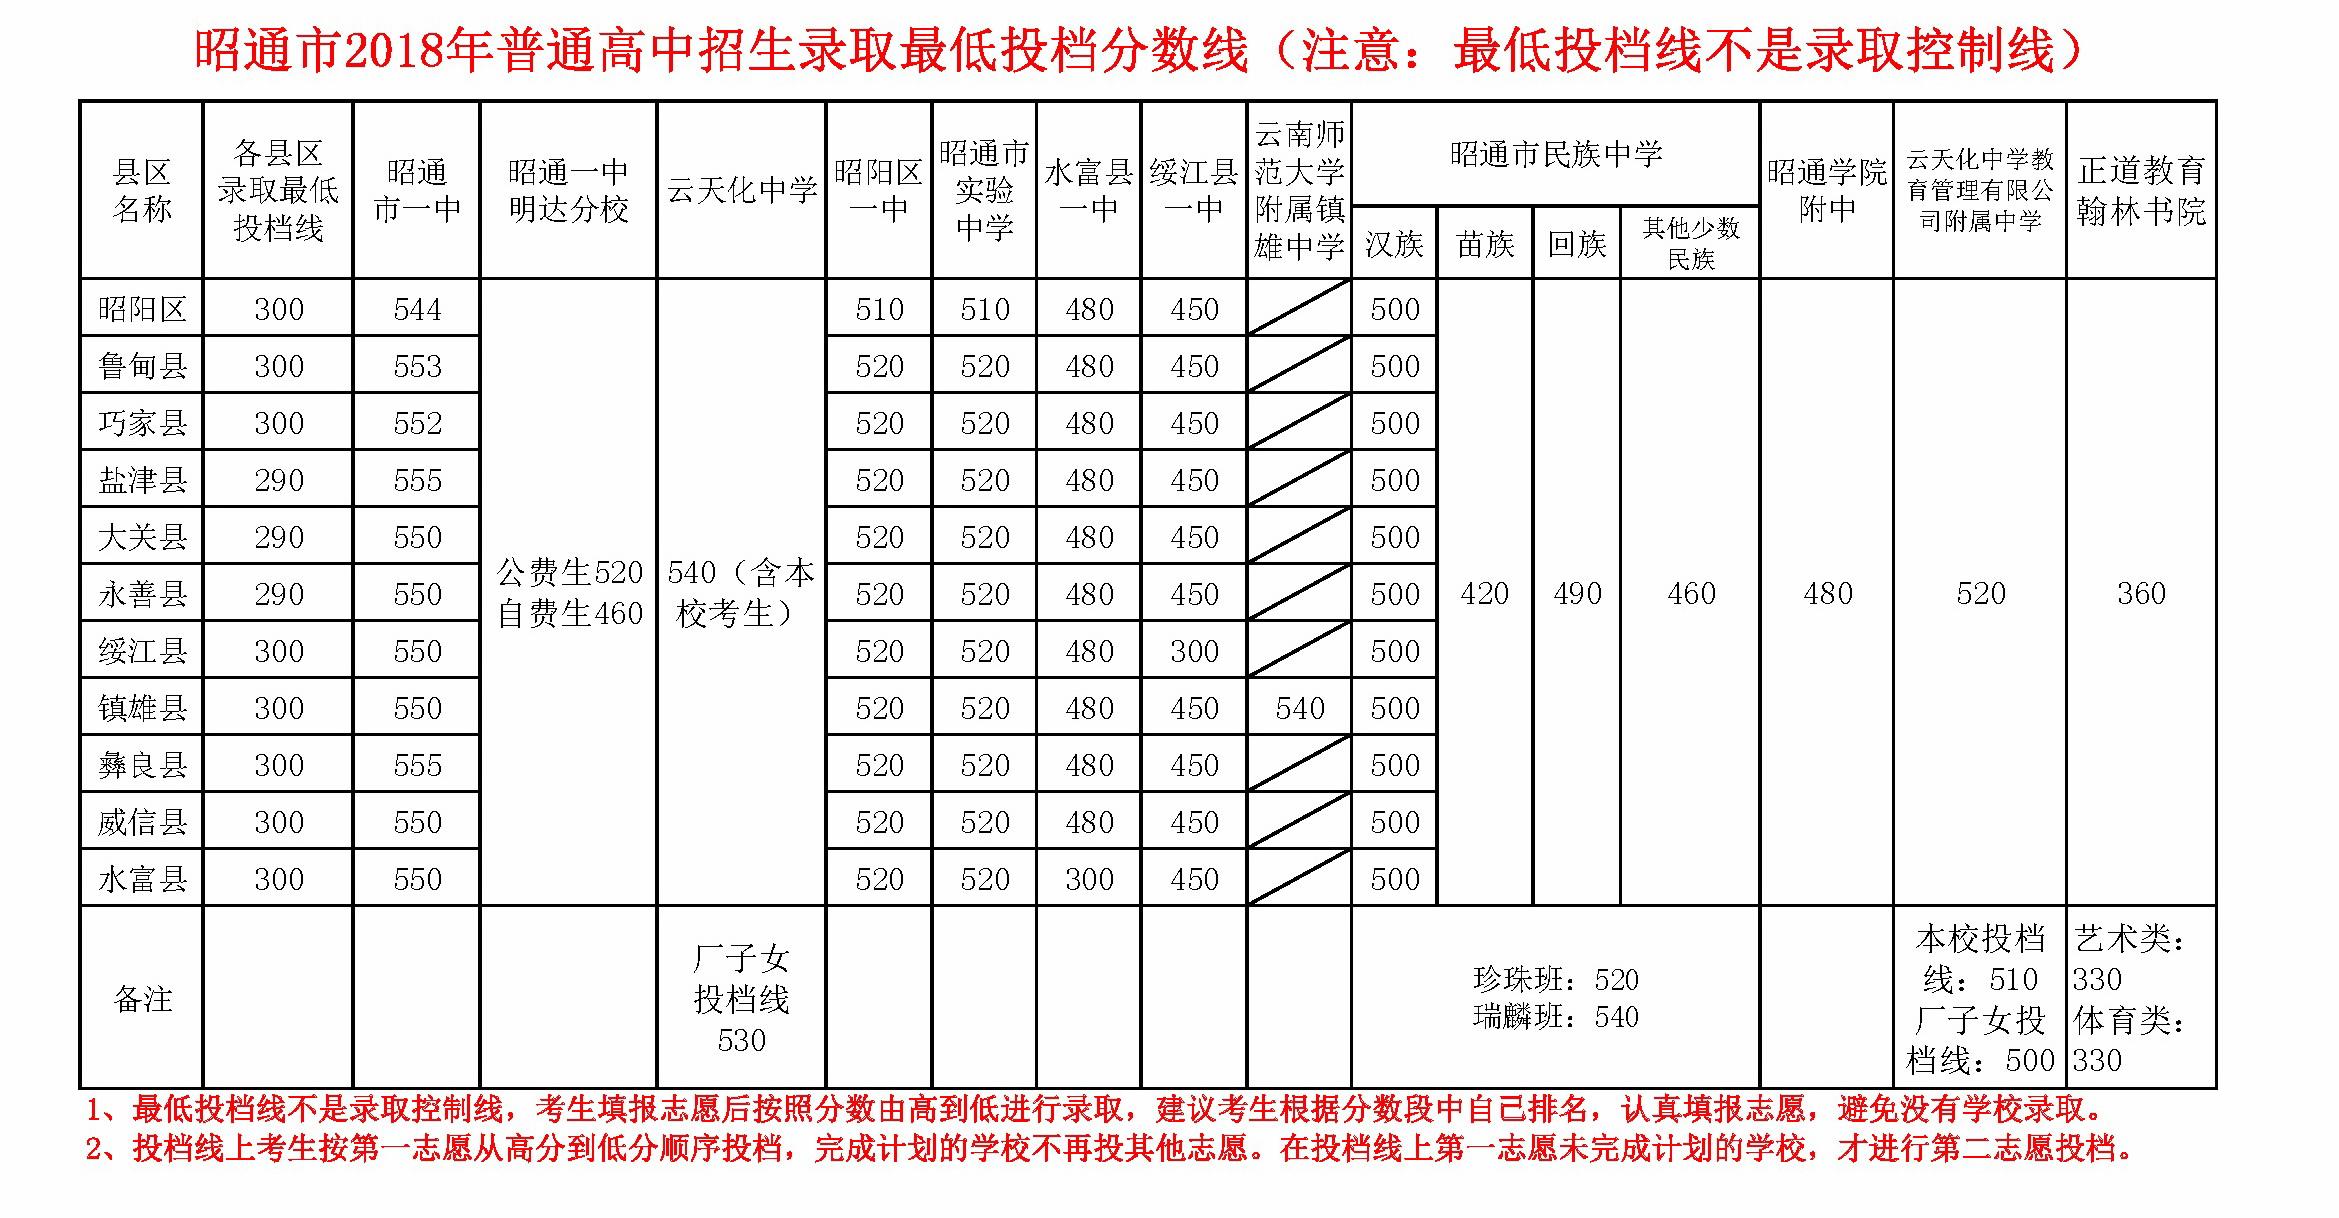 2018昭通中考最低录取控制分数线